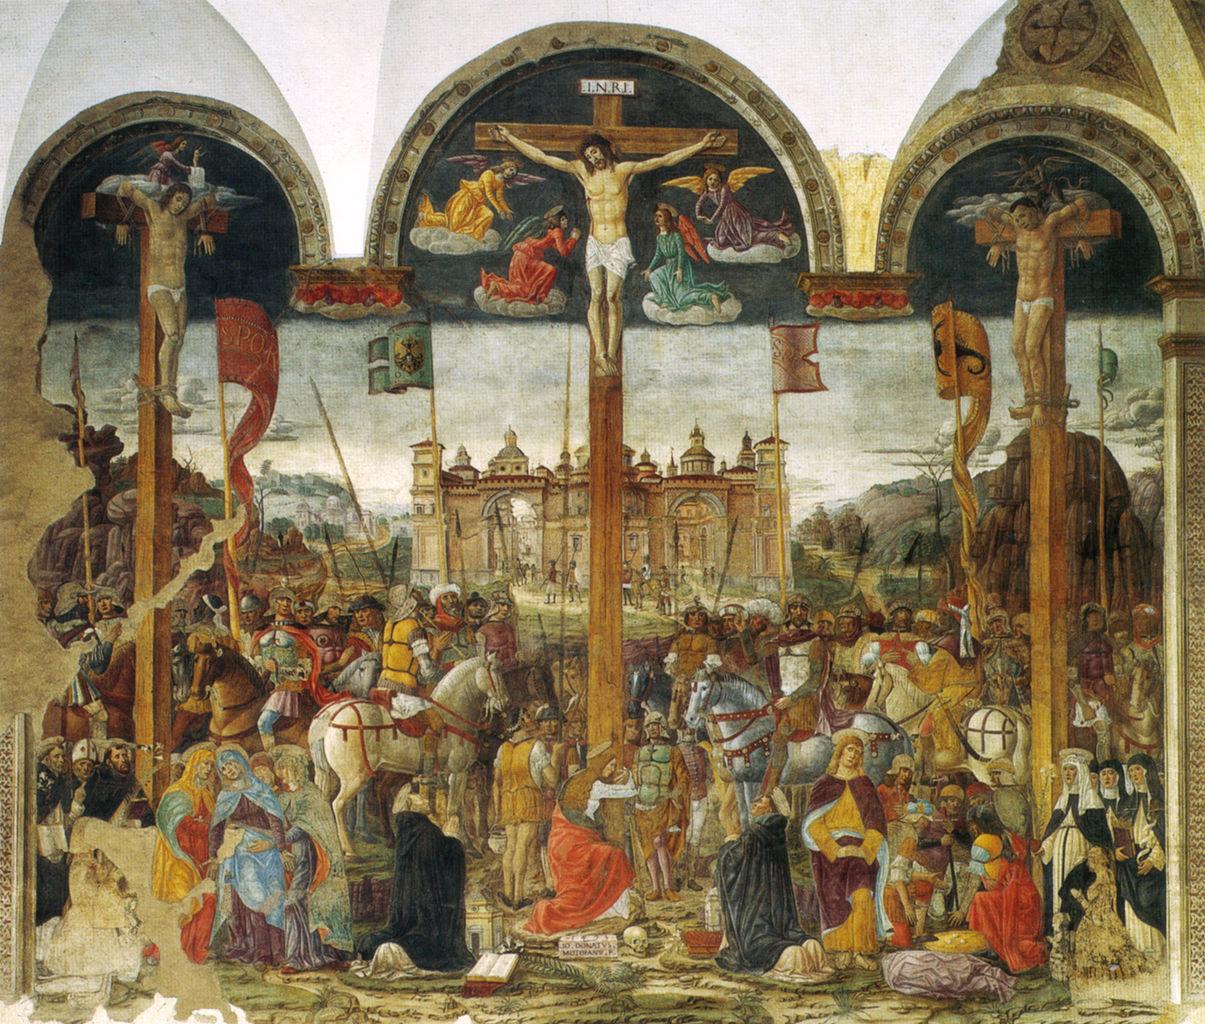 1205px-Montorfano,_crocifissione,_1497,_con_interventi_di_leonardo_nei_ritratti_dei_duchi